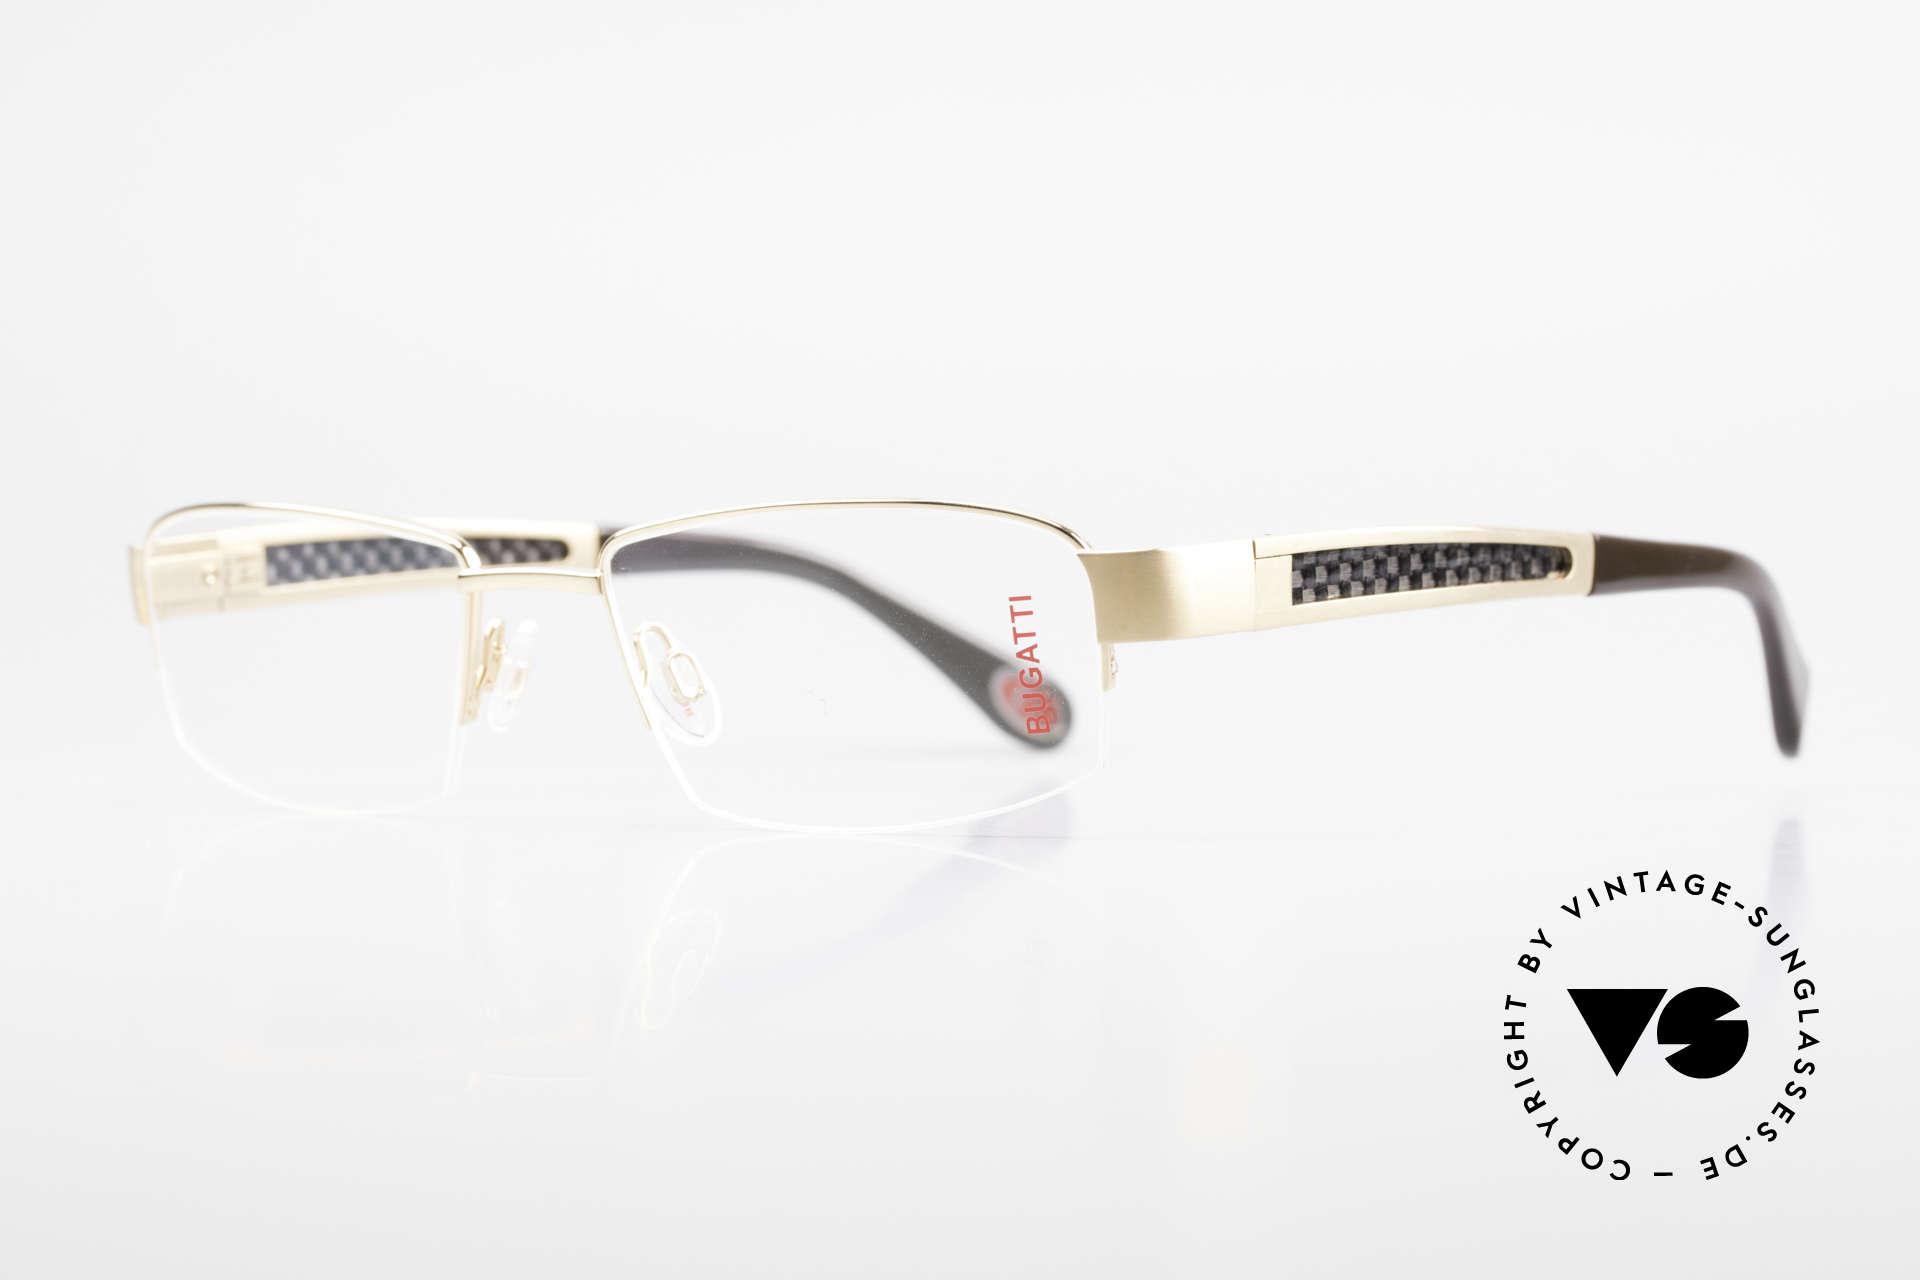 Bugatti 524 Carbon Titanium Gold Brille, Bügel-Inlays aus Carbon: sehr leicht & enorm robust, Passend für Herren